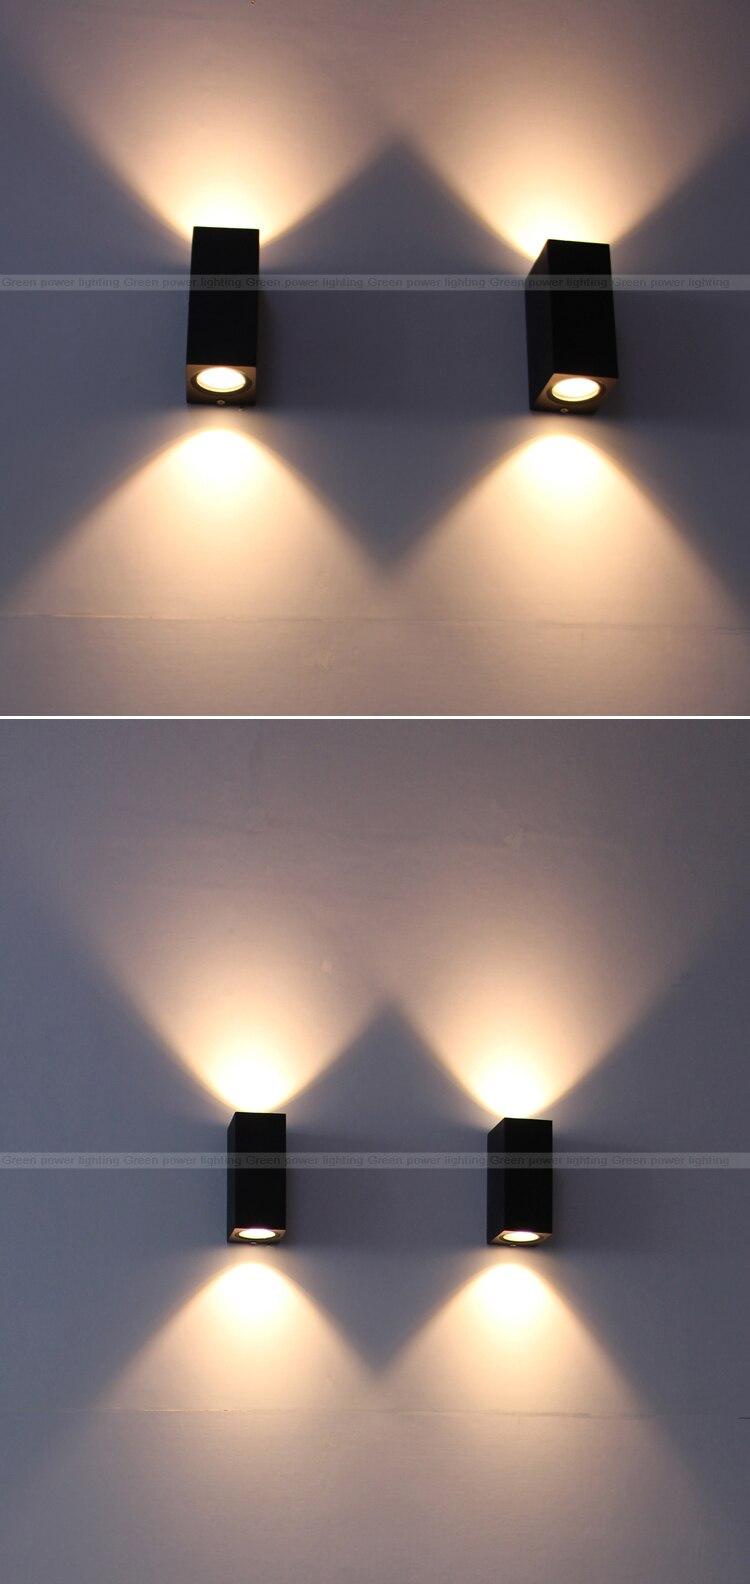 Oświetlenie Zewnętrzne Out Drzwi ściany światła Led Cob Balkon Kinkiet Led 6 W Ciepłe Whtie Zimne Białe